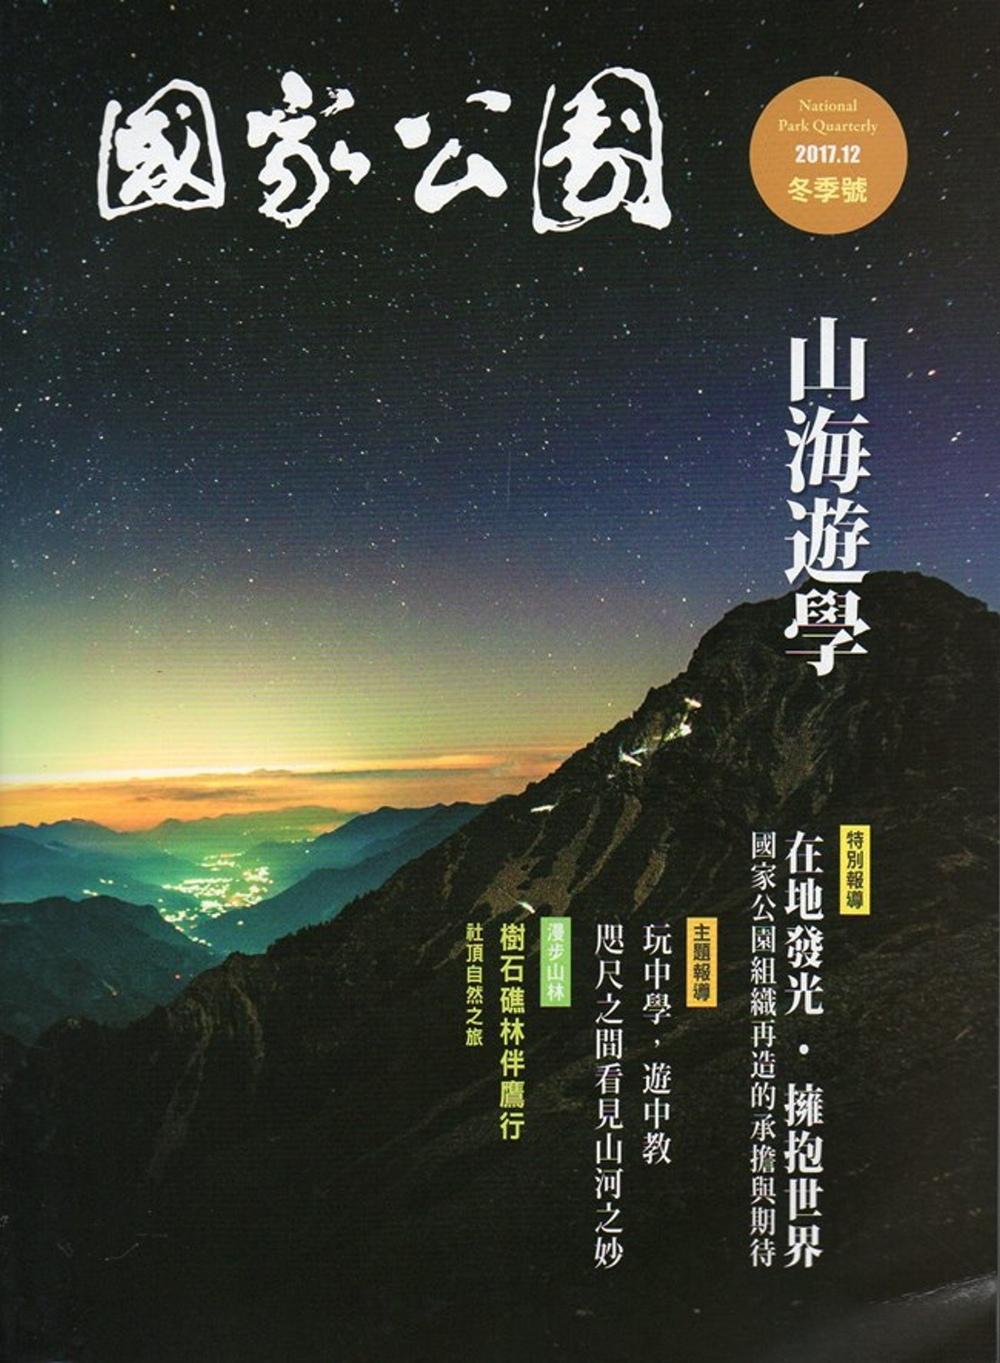 國家公園季刊2017第4季(2017/12)